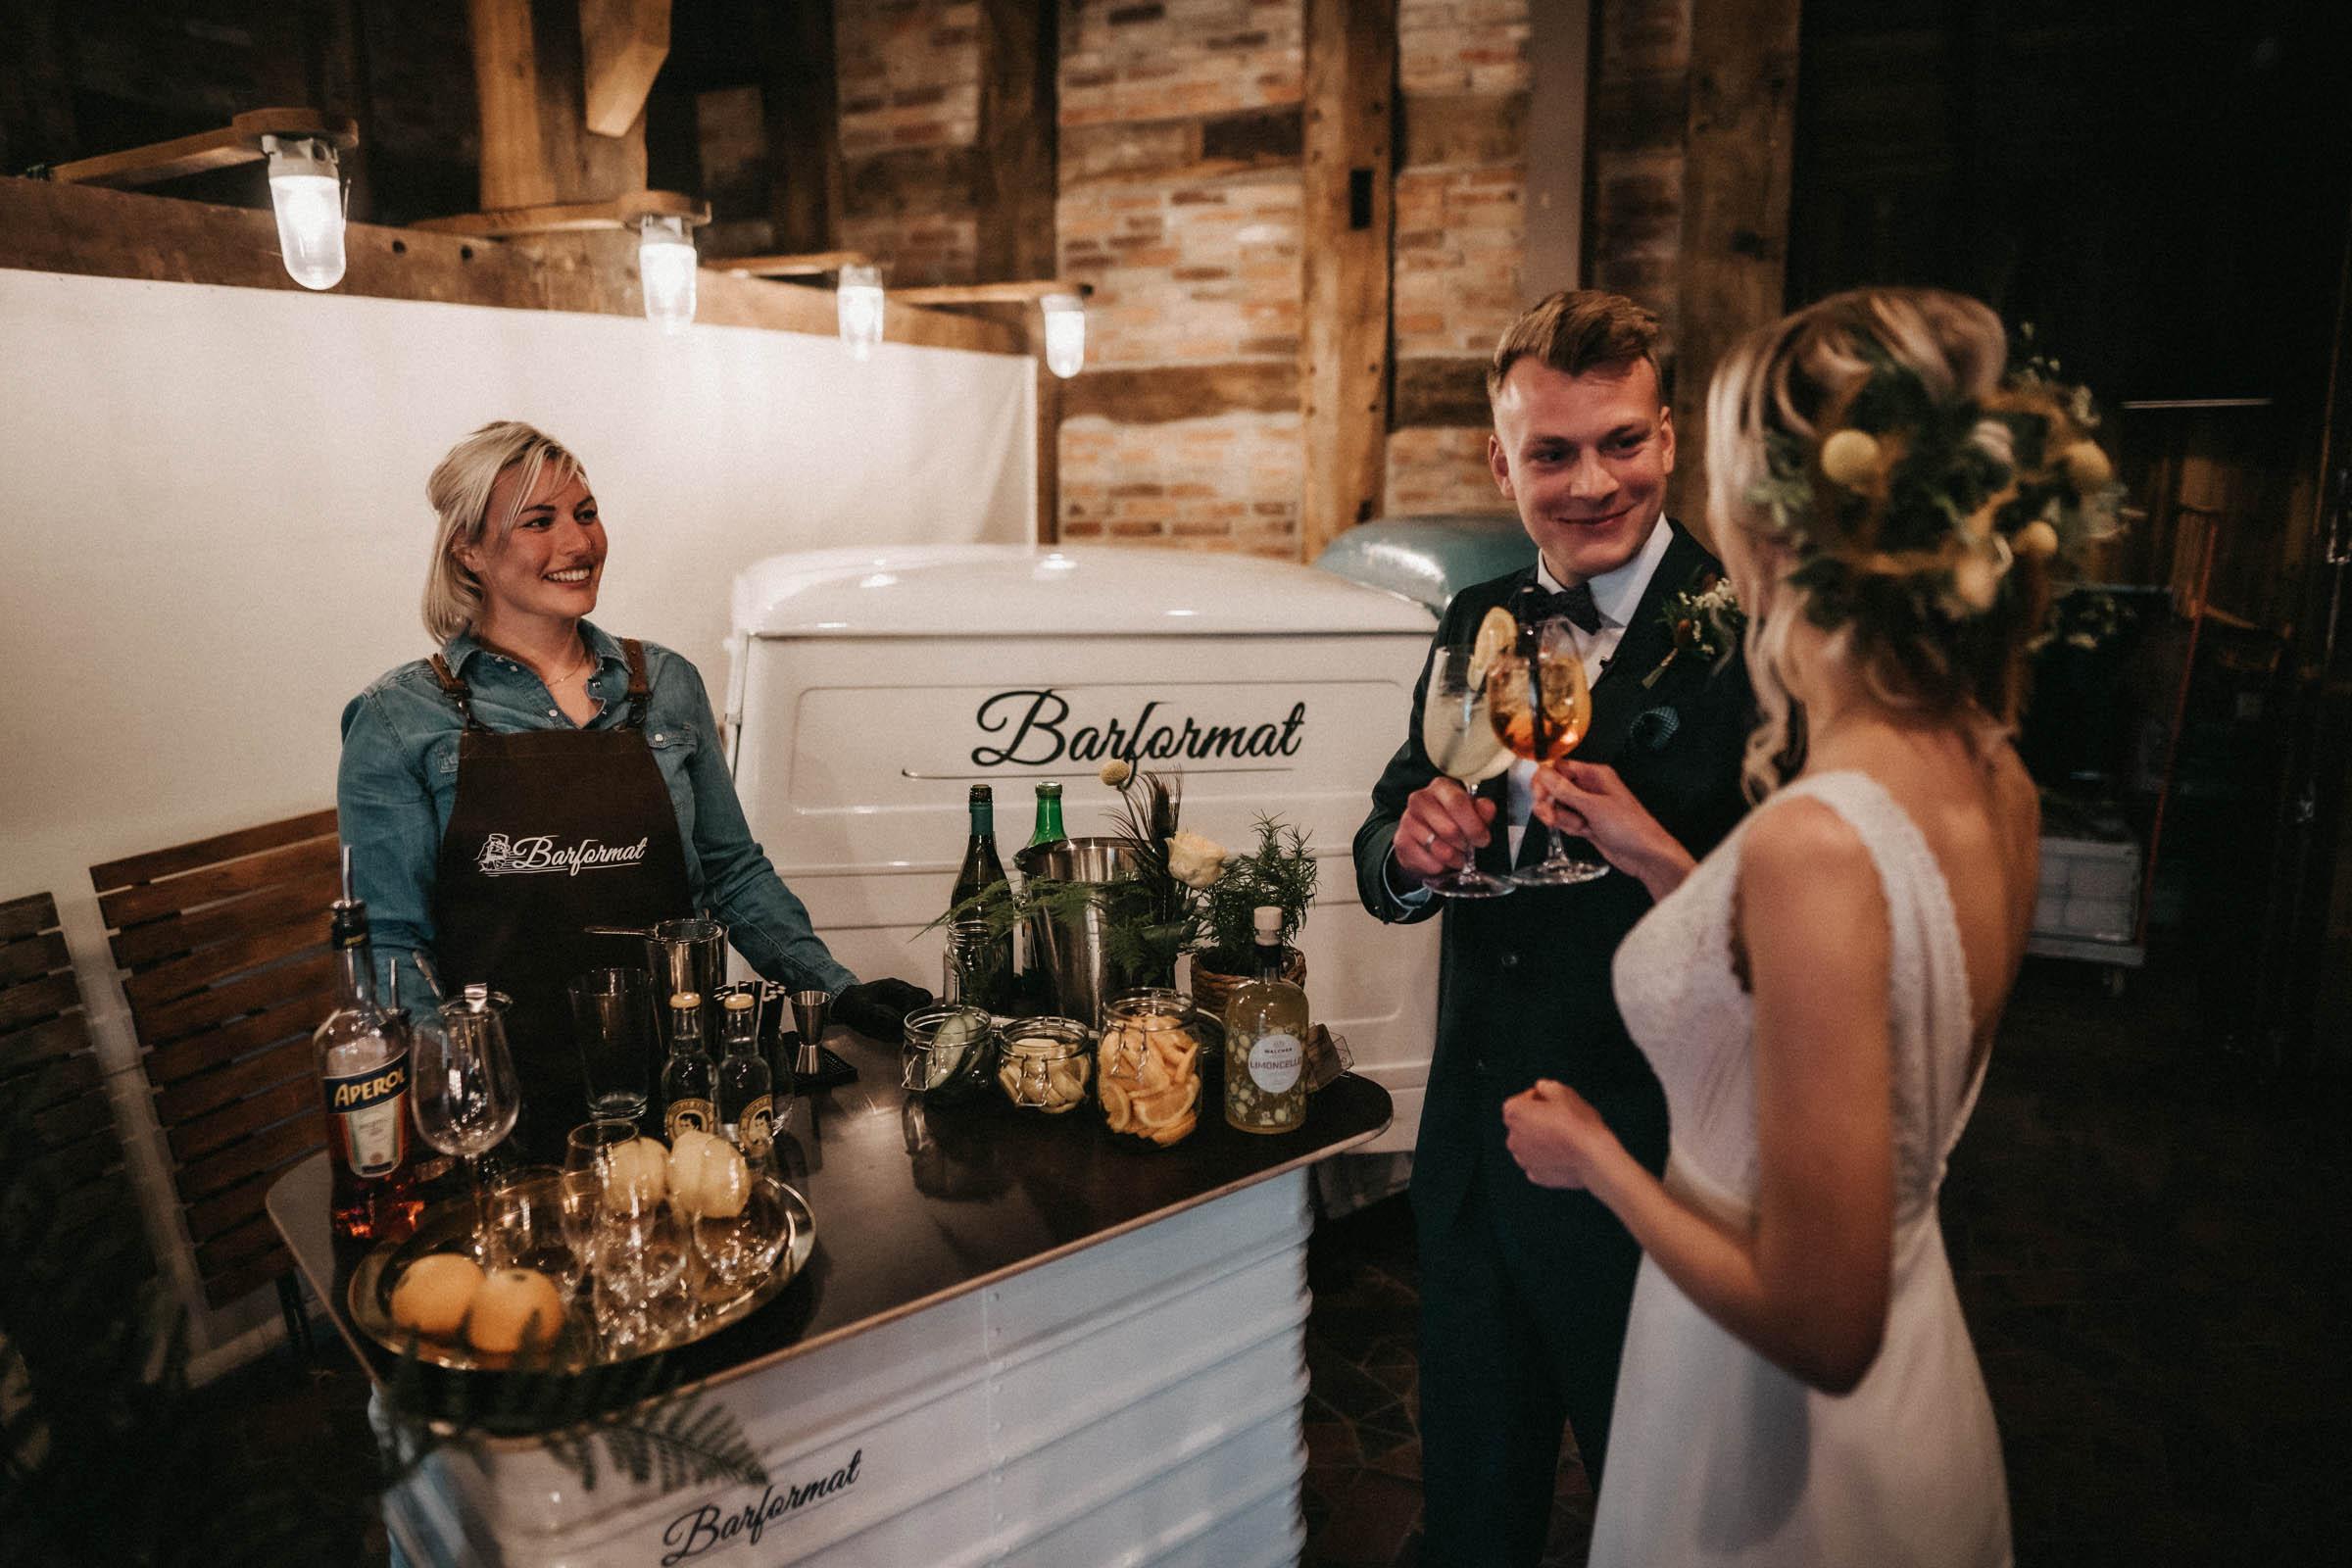 Mobile | Bar | Hannover | Hamburg | Bremen | Braunschweig | Cocktailbar | Sektempfang | Bulli | Bar | Hochzeit | Cocktailservice | Barkeeper | Messen | Firmenfeiern | Catering | Food | Truck | Getränke | Ape | VW | Barformat